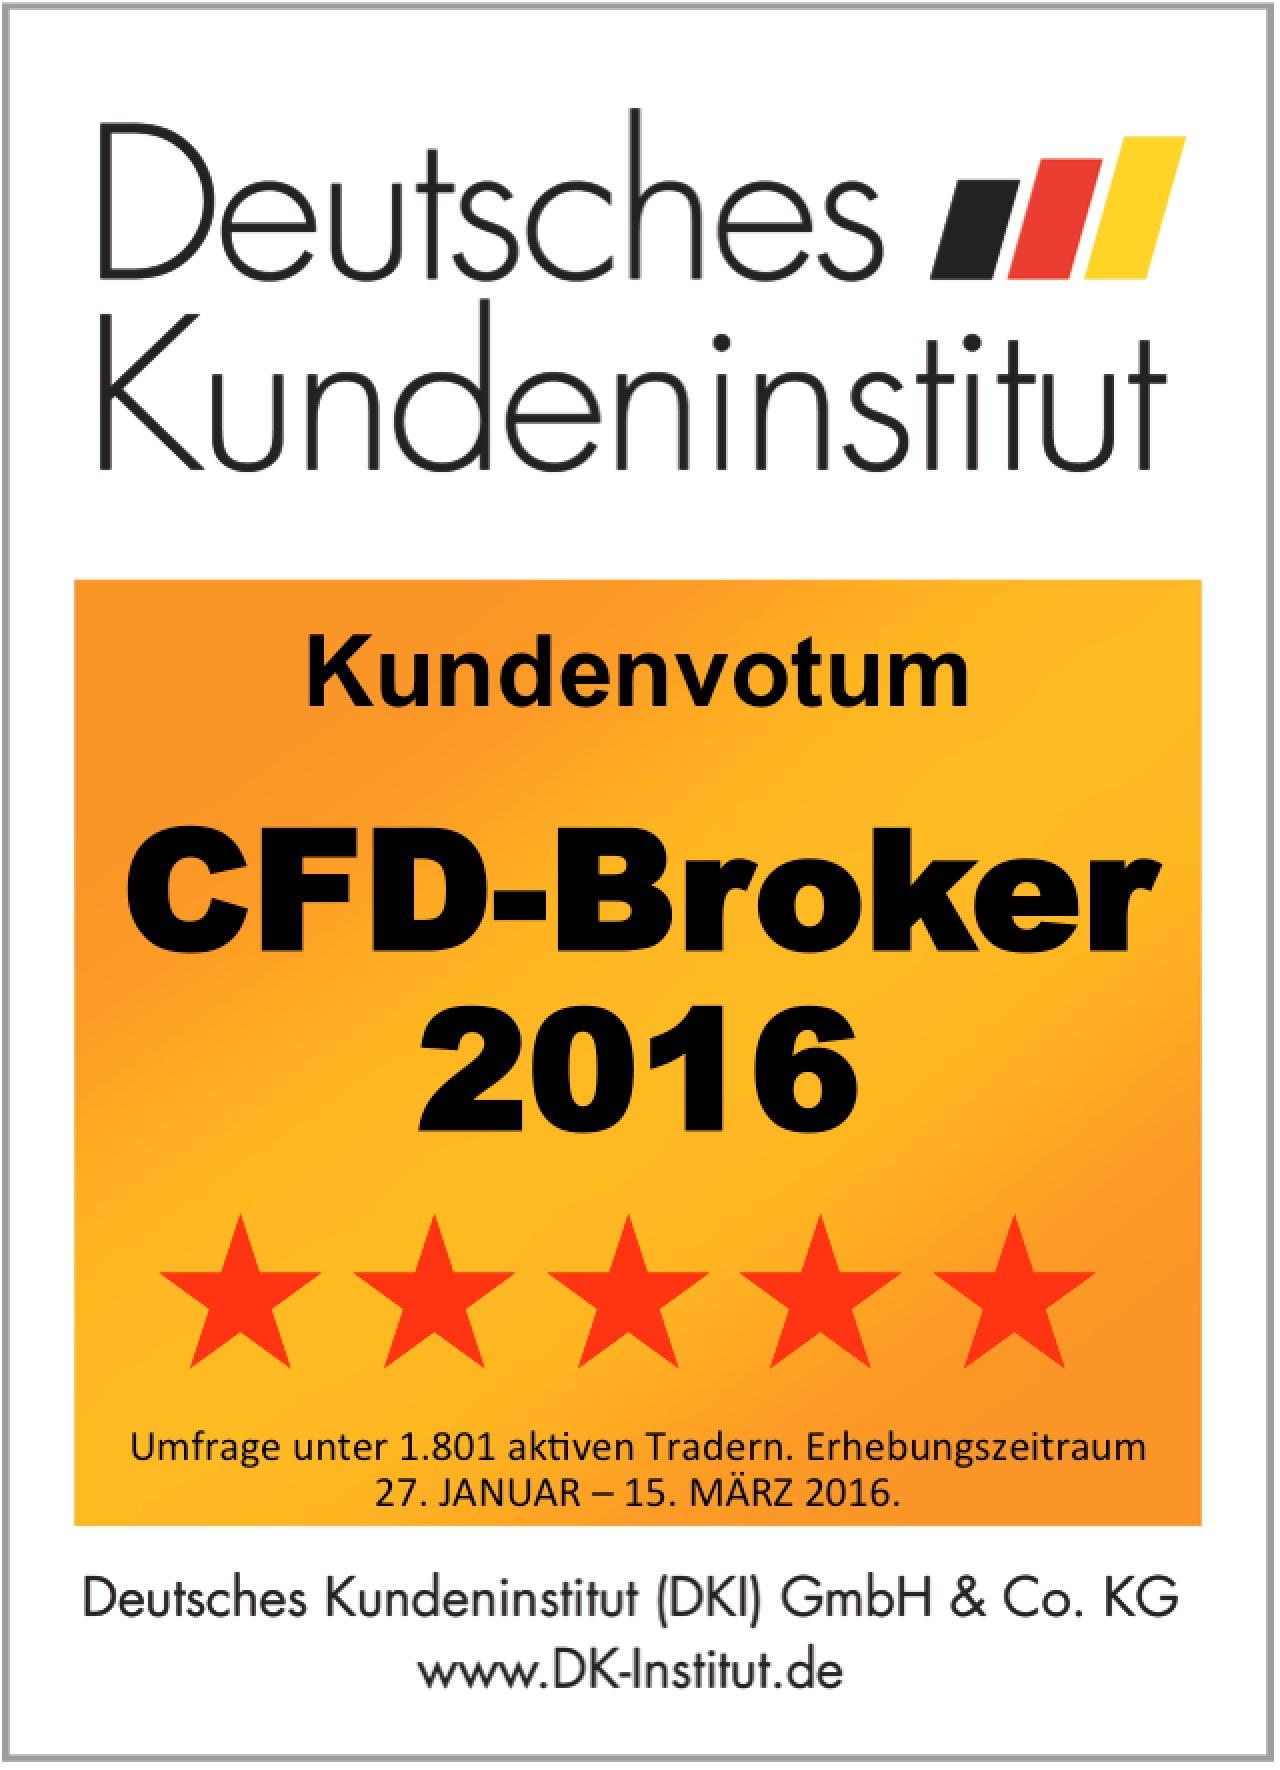 Bester CFD Broker 2016, 5 Sterne, Bestnote für Admiral Markets laut DKI